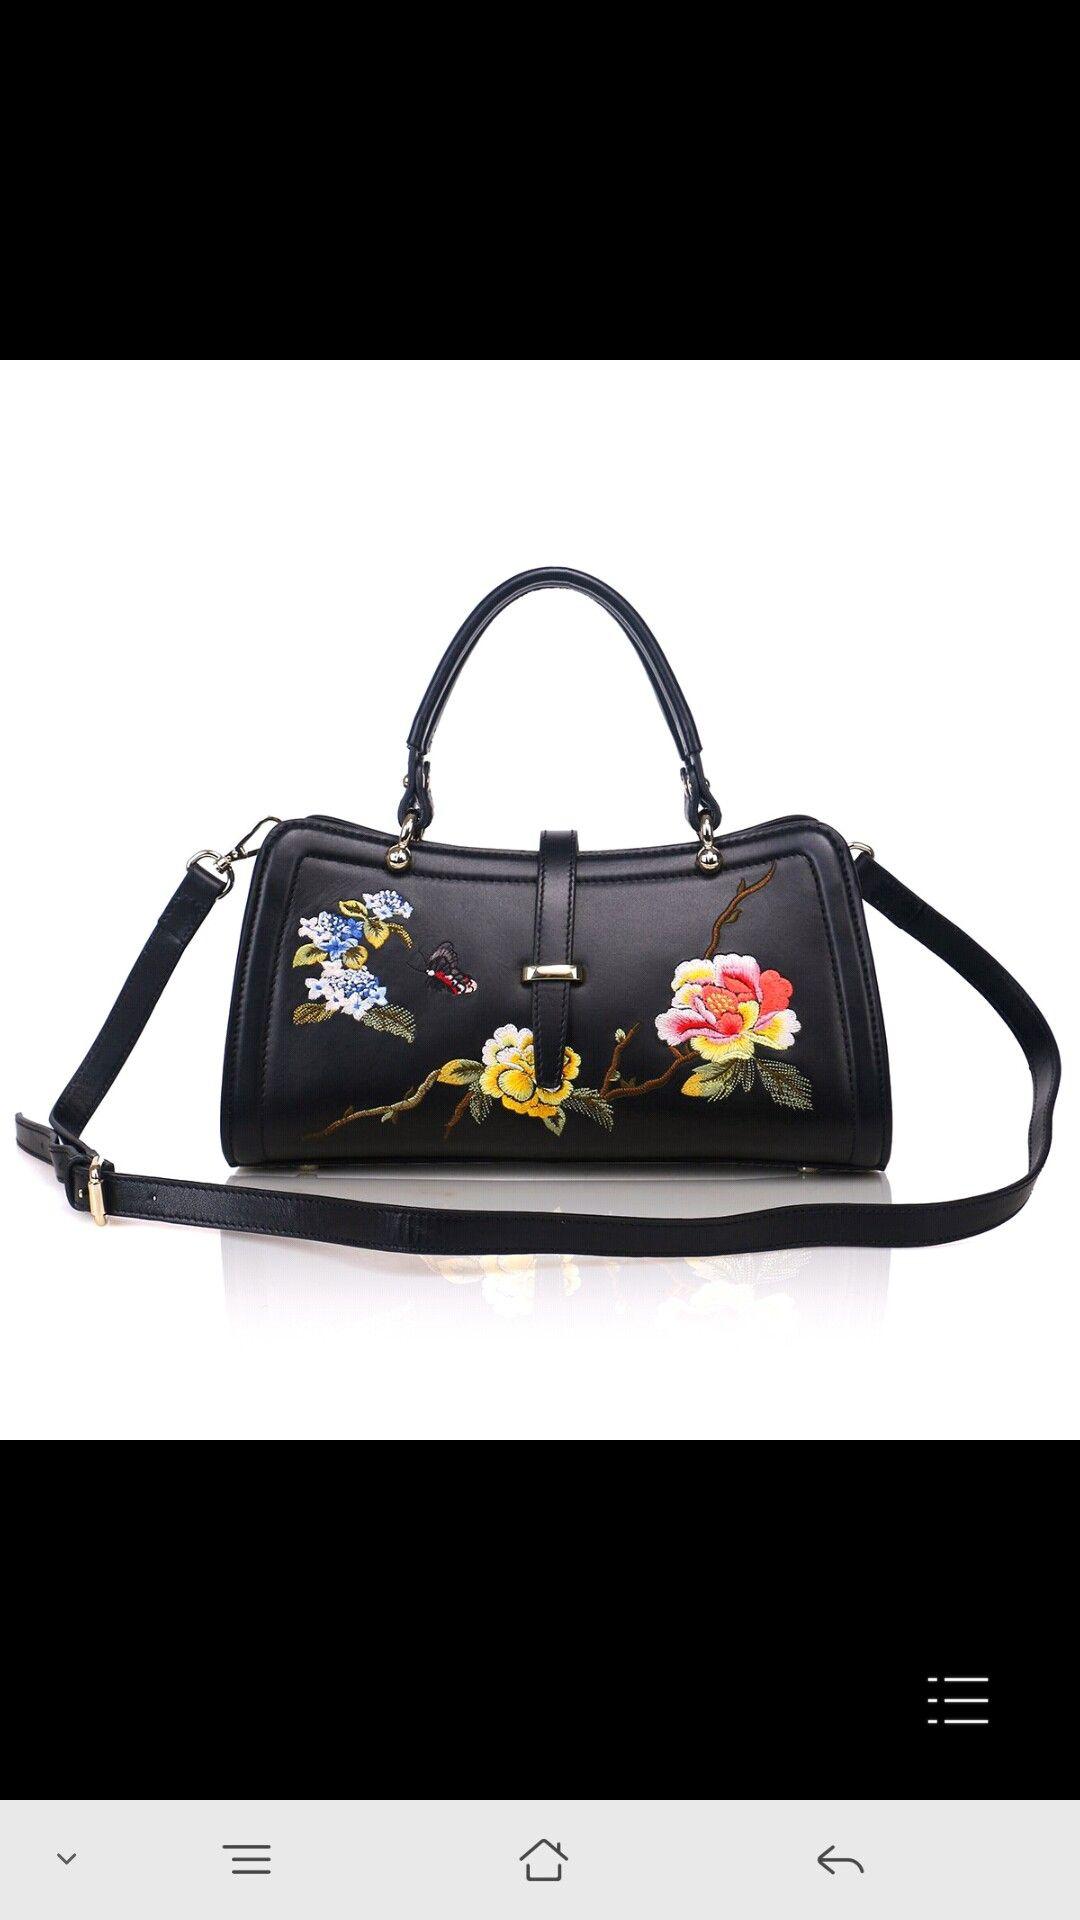 793e36534b2 www.amazon.com shops APHISON   I love APHISON Bags.   Pinterest ...